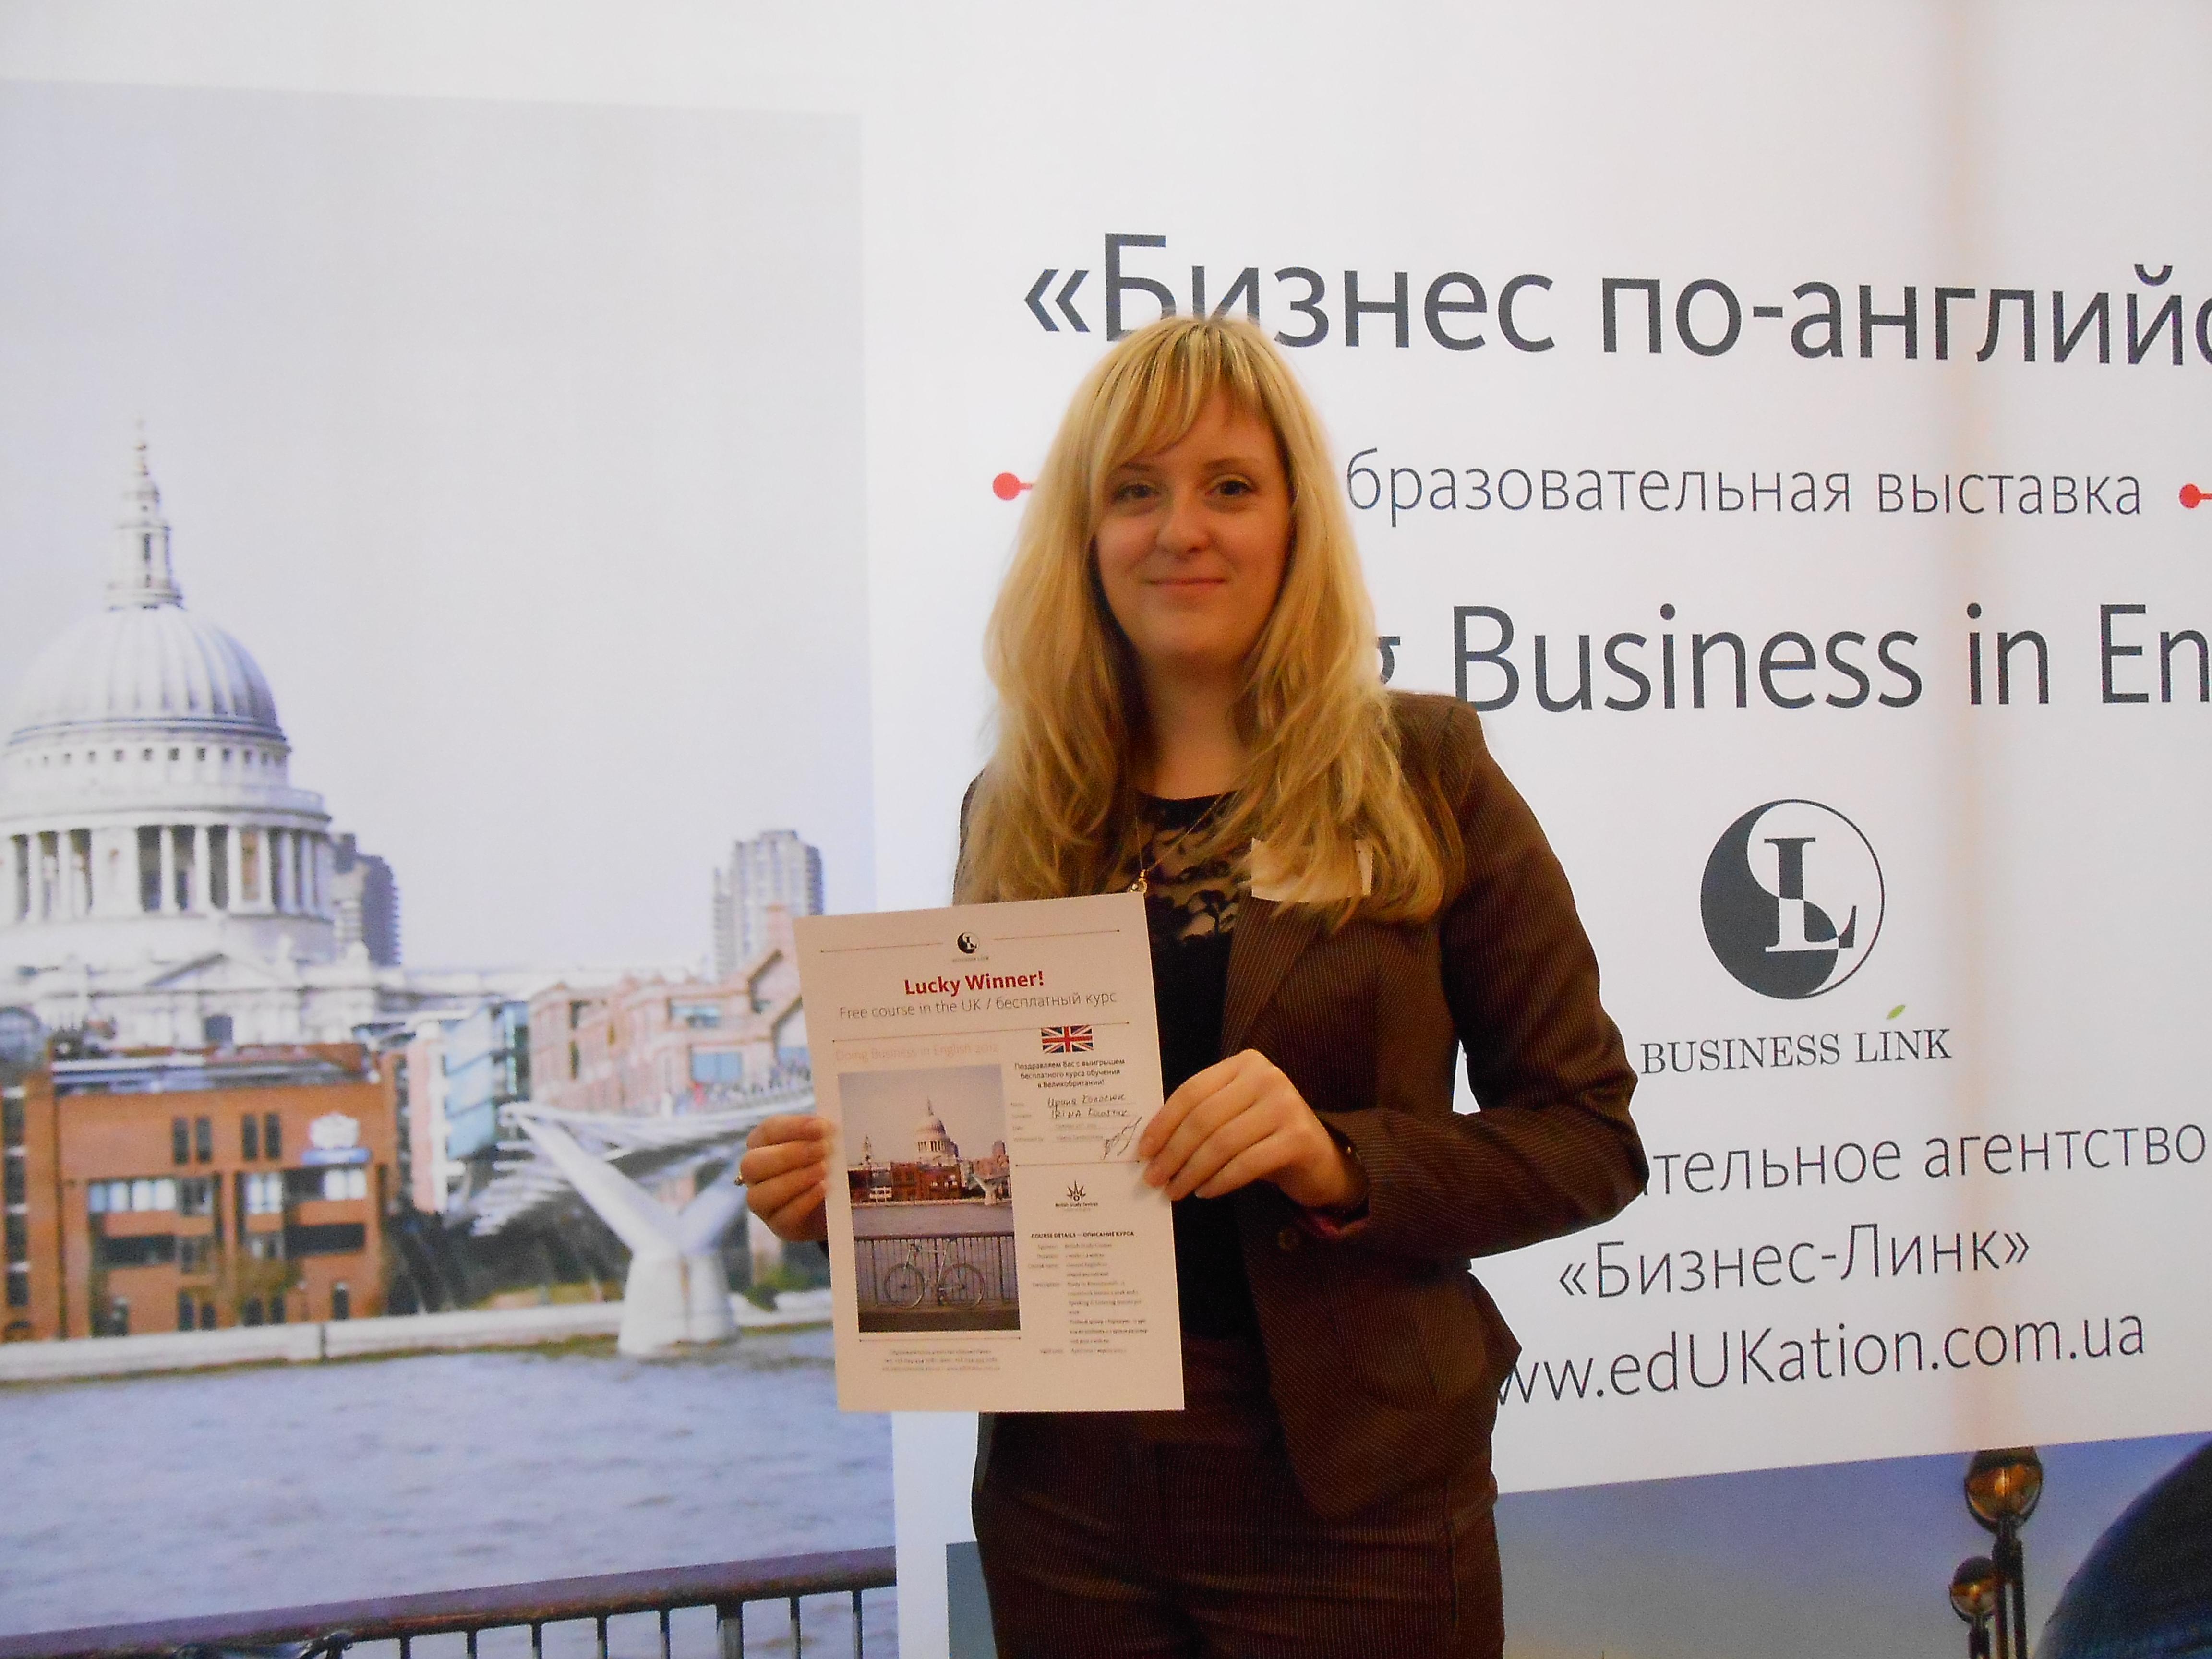 Один из счастливых призеров на выставке «Бизнес по-английски 2012»